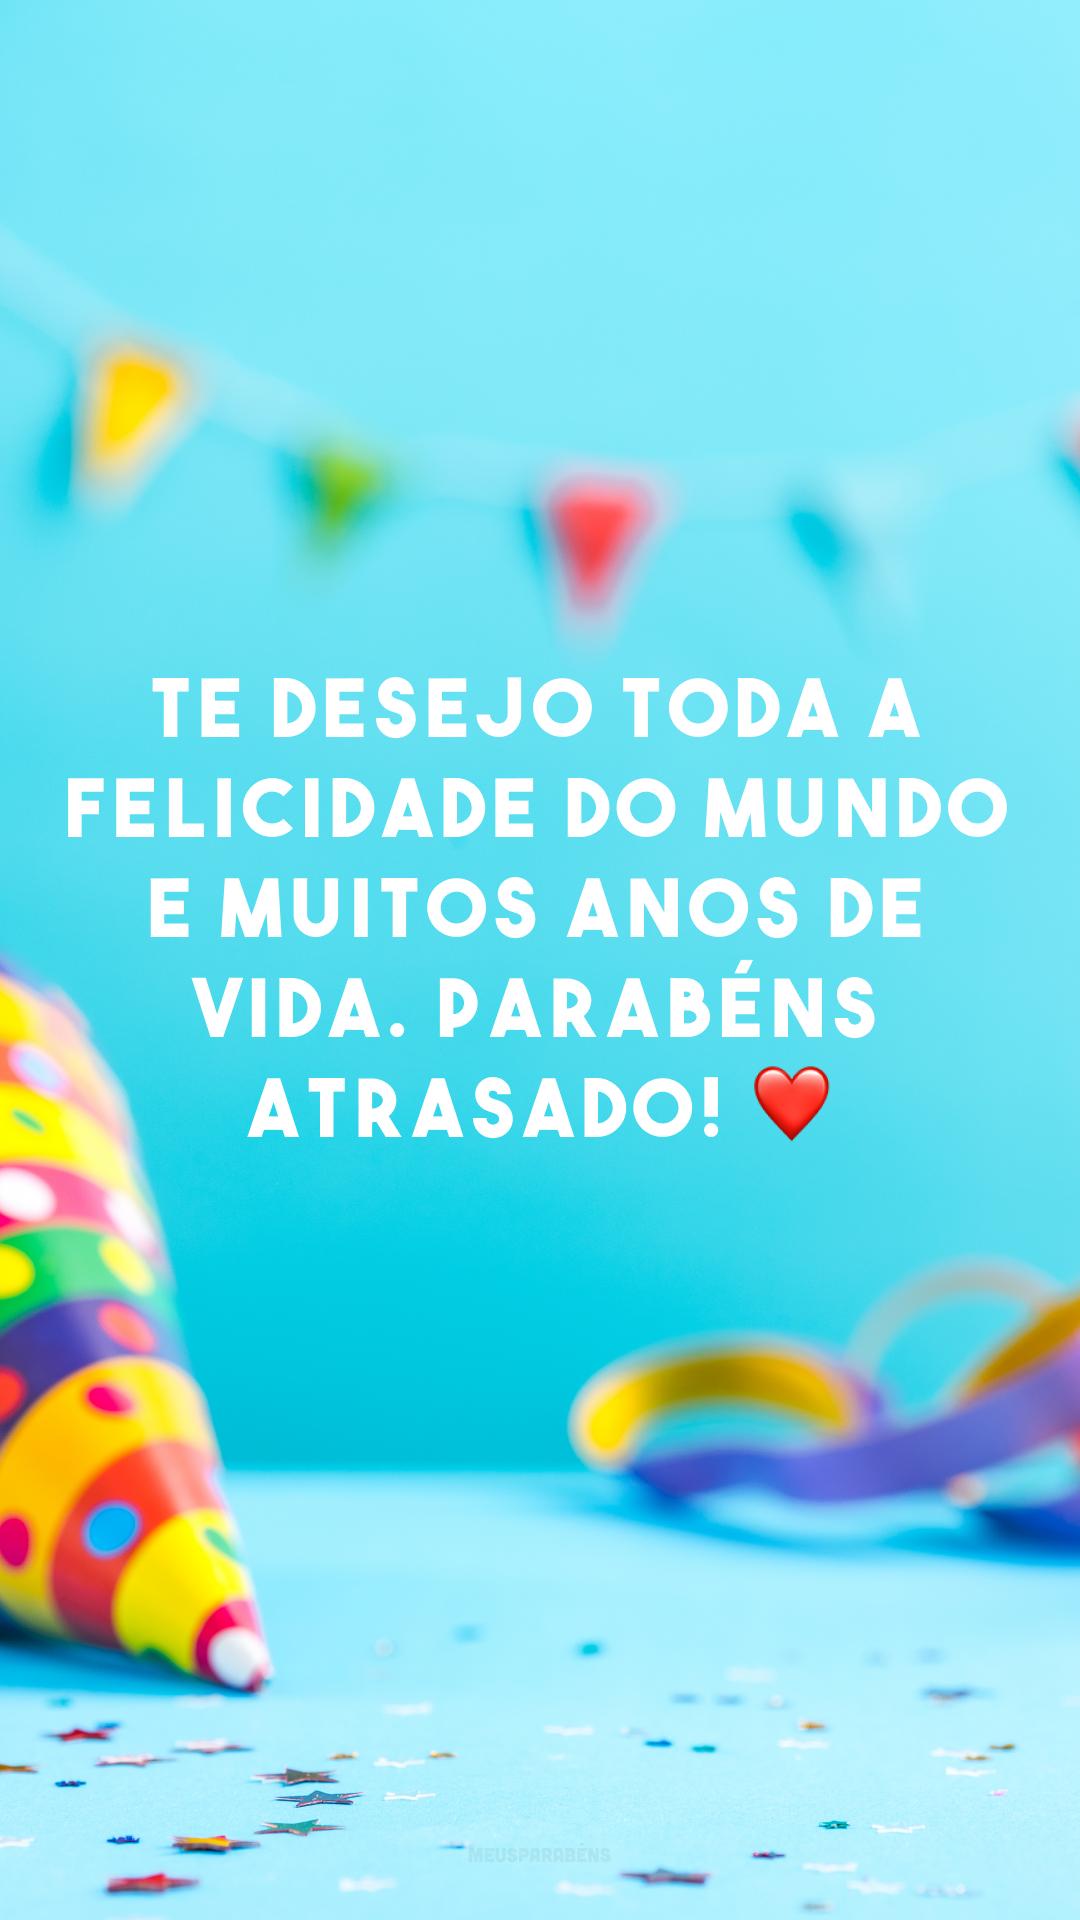 Te desejo toda a felicidade do mundo e muitos anos de vida. Parabéns atrasado! ❤